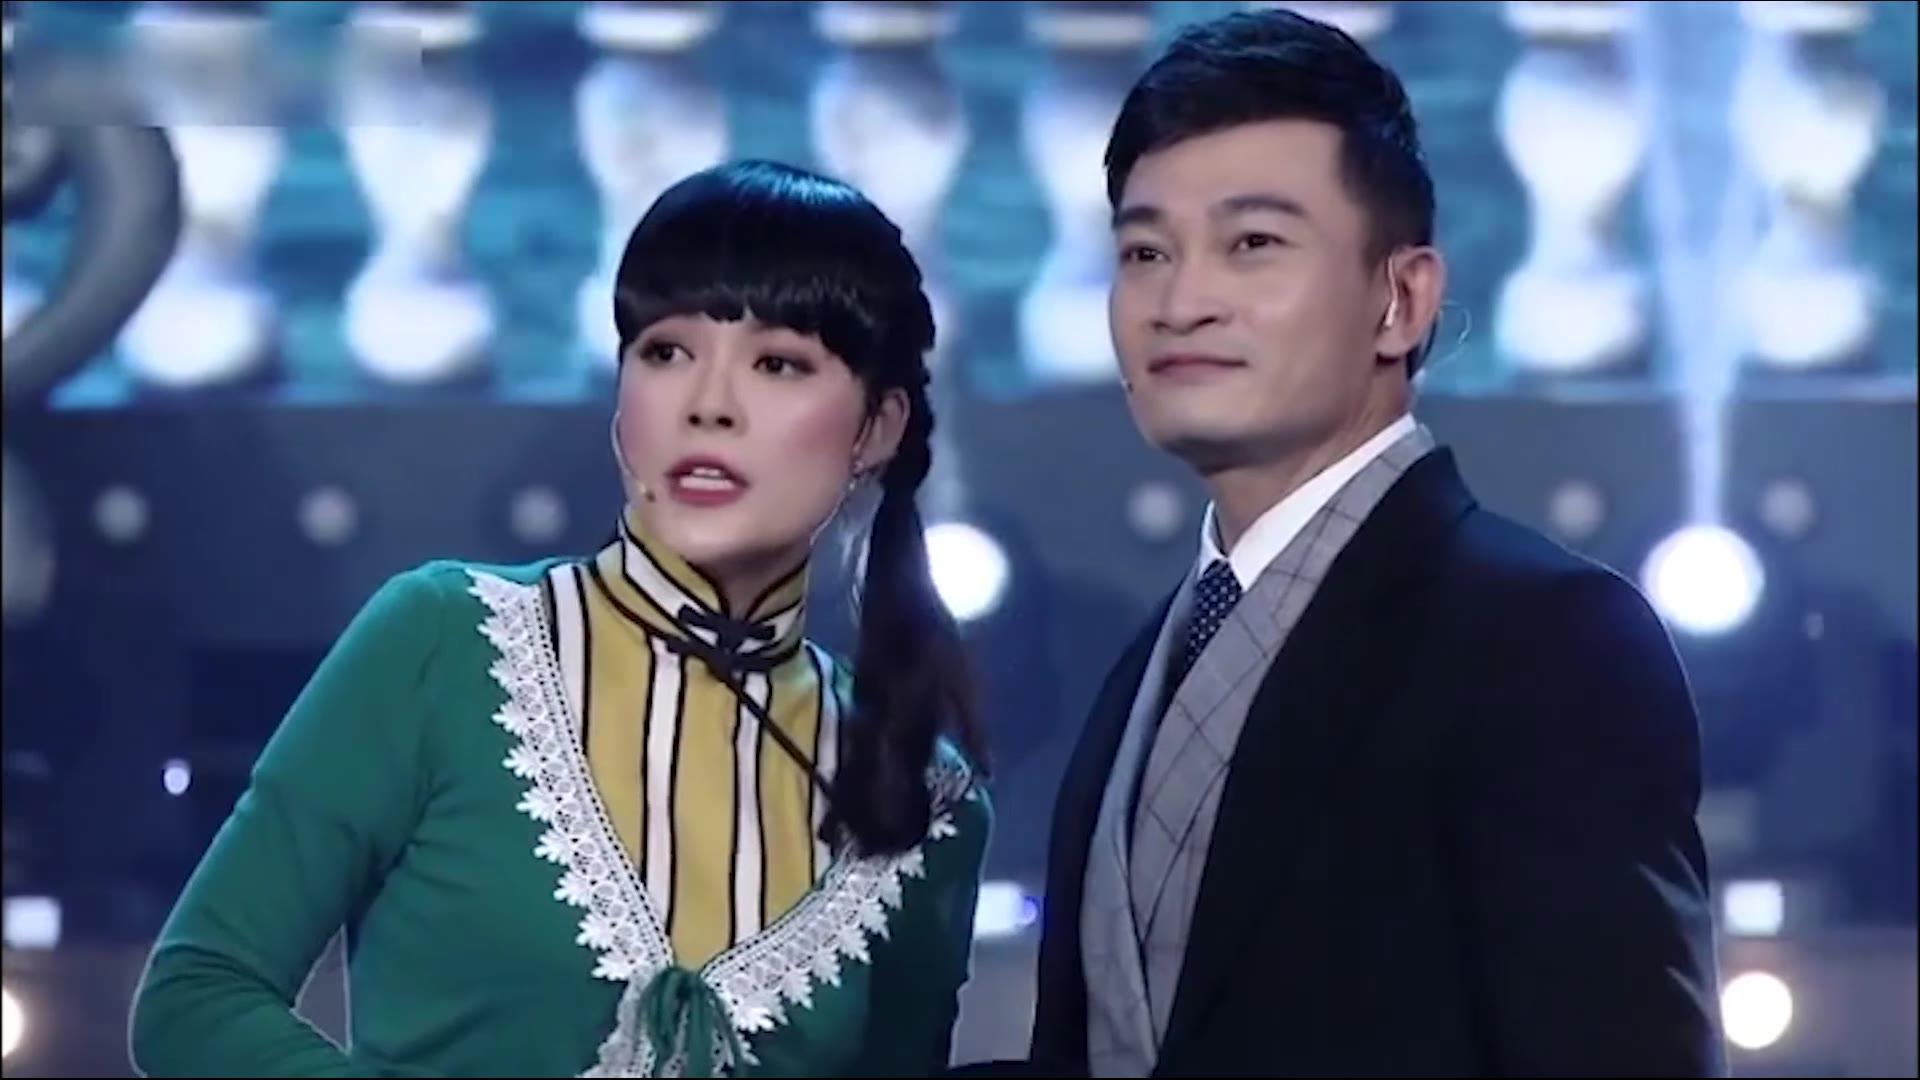 越南歌手翻唱《上海滩》《铁血丹心》《雨堞》,听后让人忘记原唱